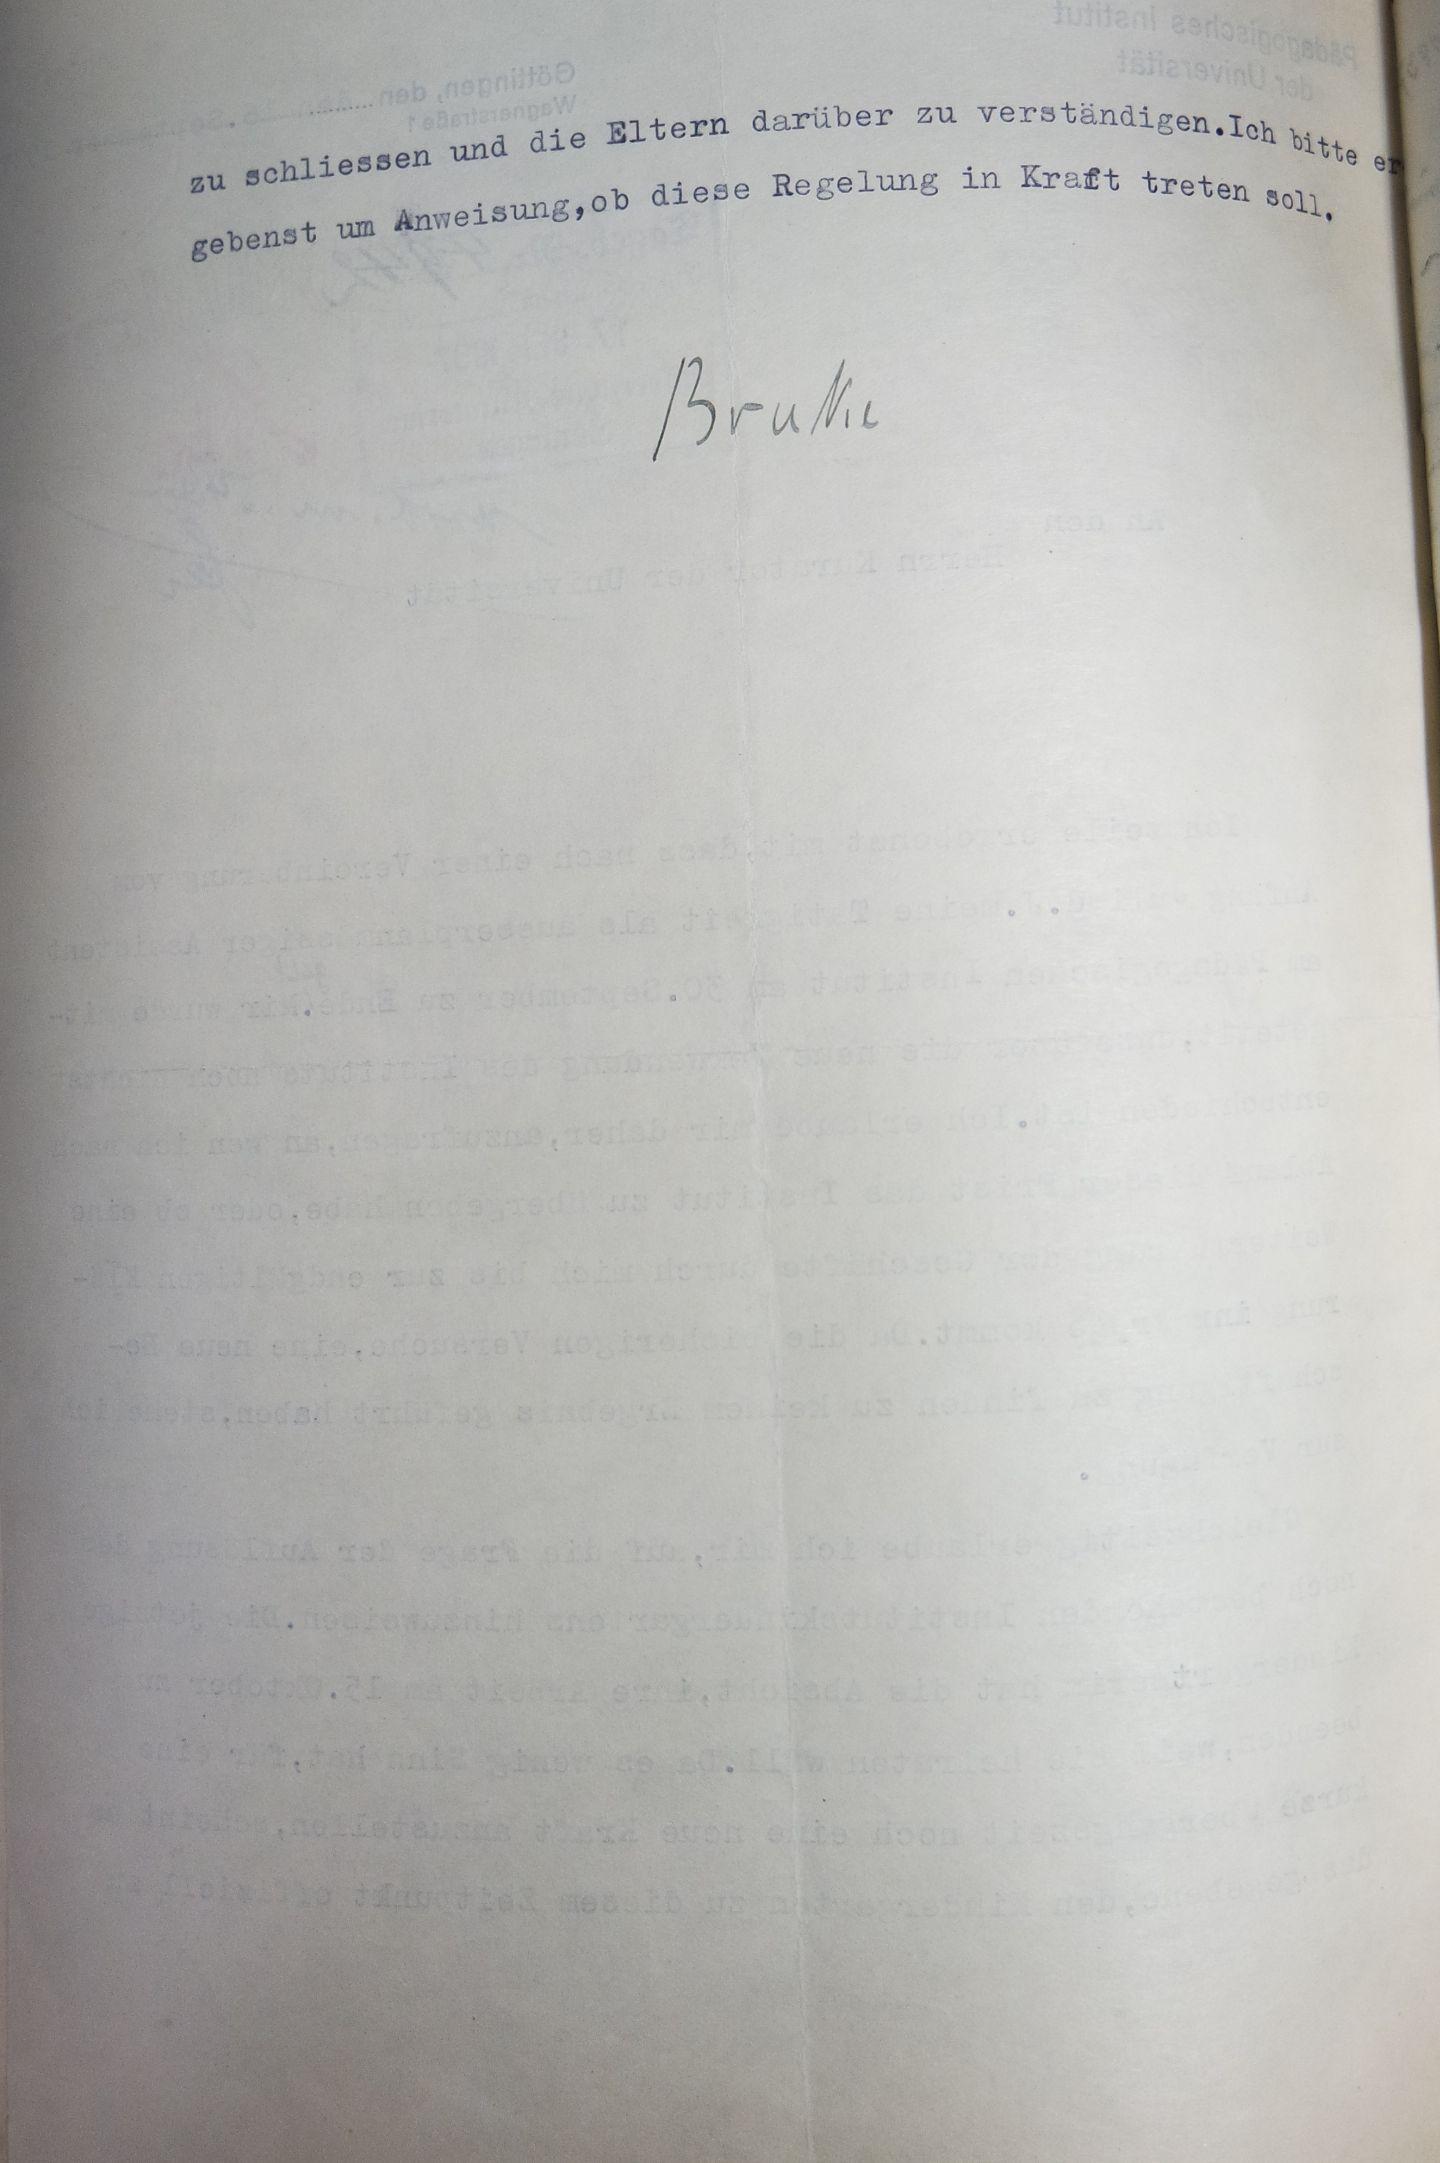 Brief des außerplanmäßigen Assistenten Jürgen Brakes vom 16.09.1937 an den Kurator der Universität, Seite 2. Quelle: Universitätsarchiv Göttingen: Kur. 1263; unpag.